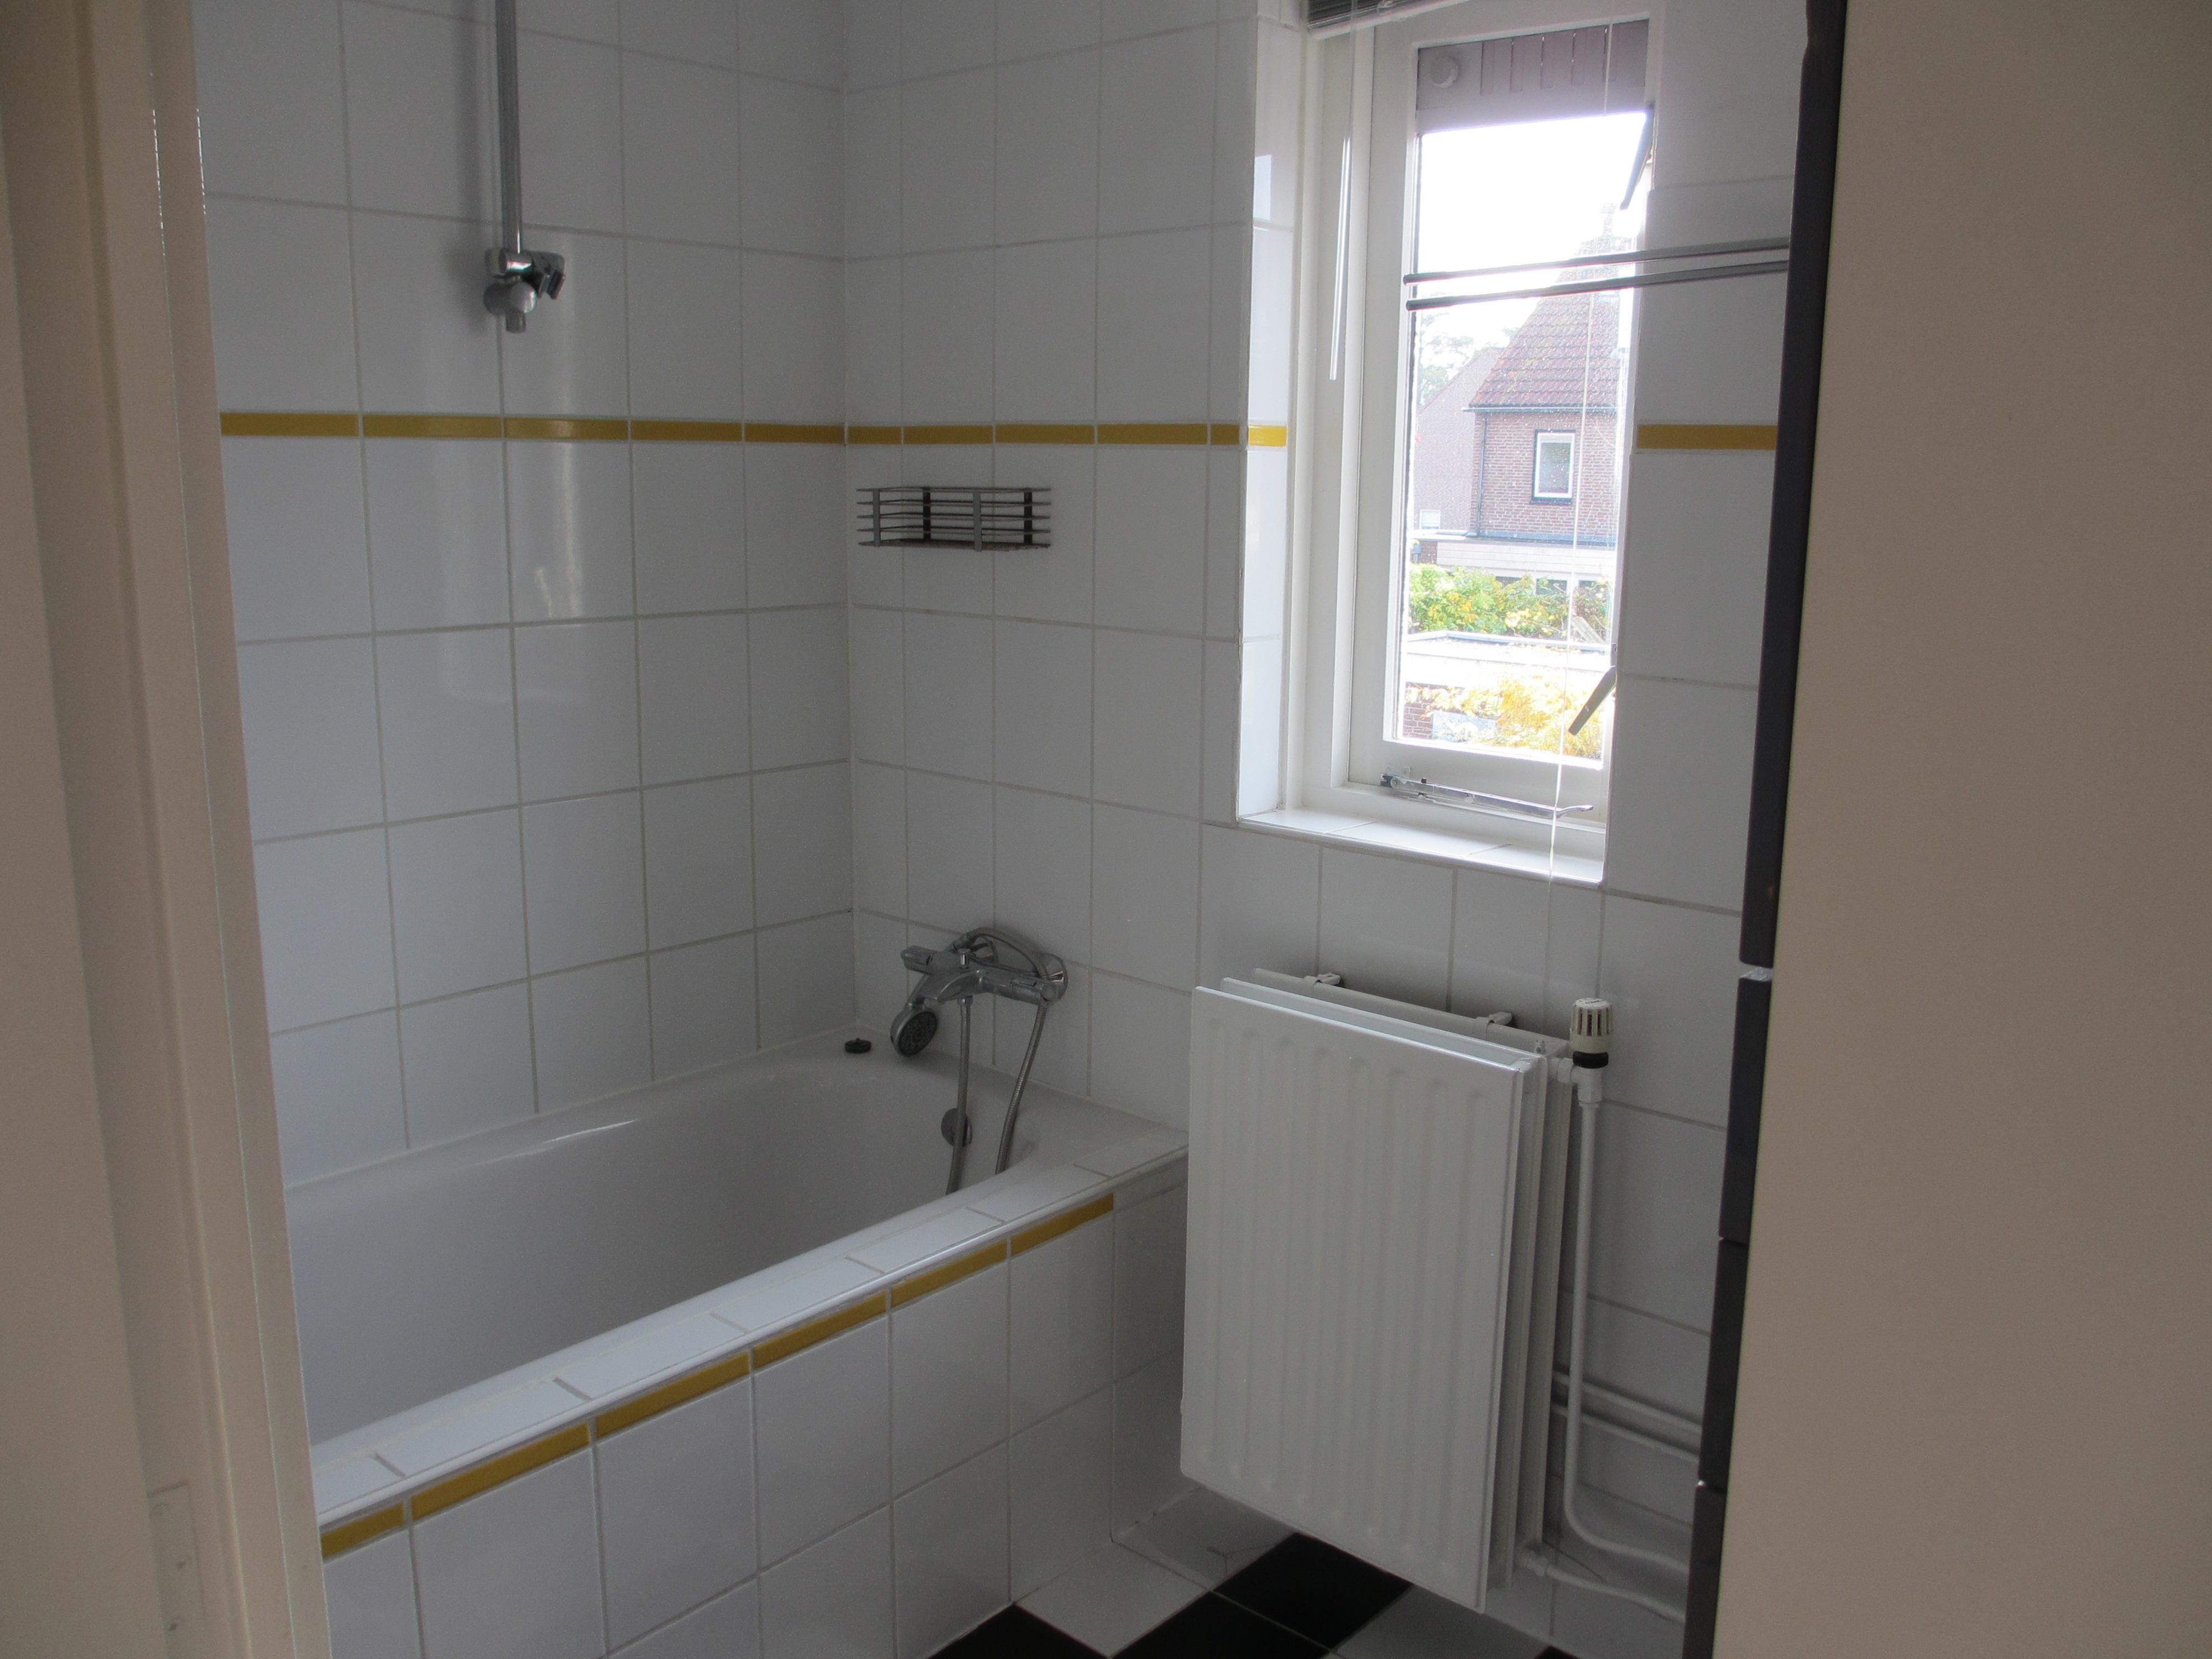 Verbouwing badkamer in Mijdrecht - Fred Drost - Bouwbedrijf